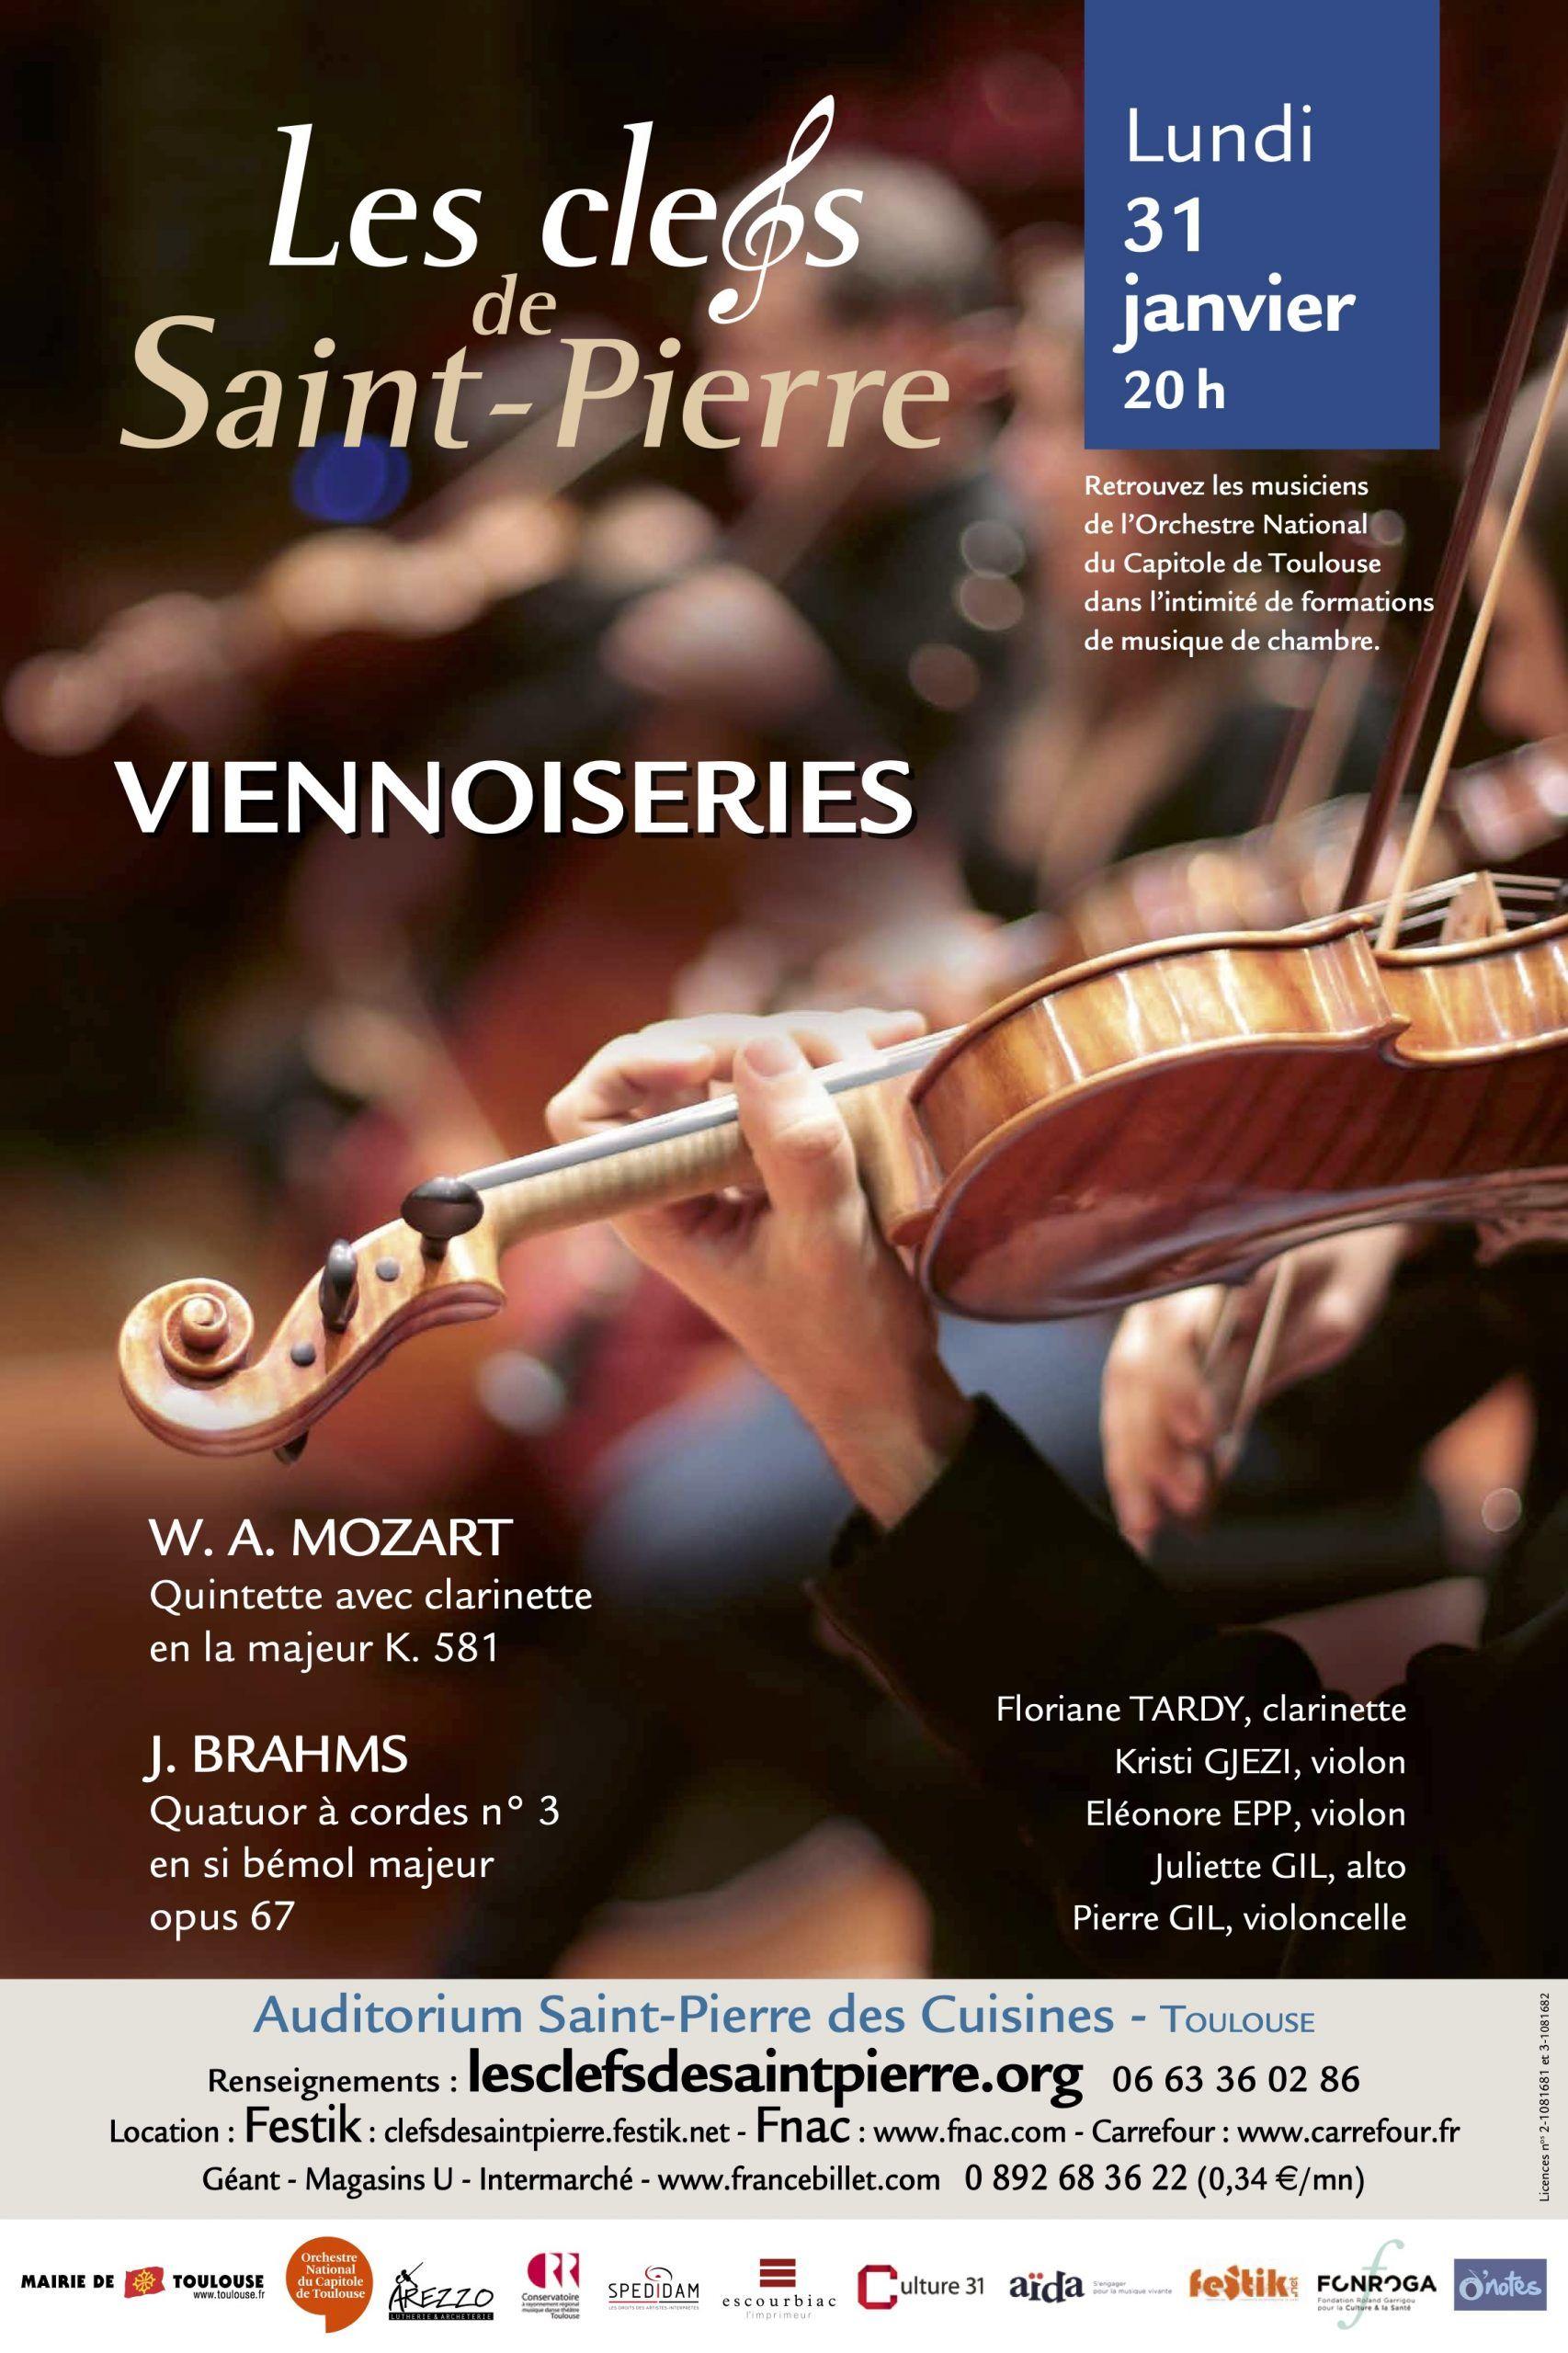 Les Clefs de Saint-Pierre - Viennoiseries